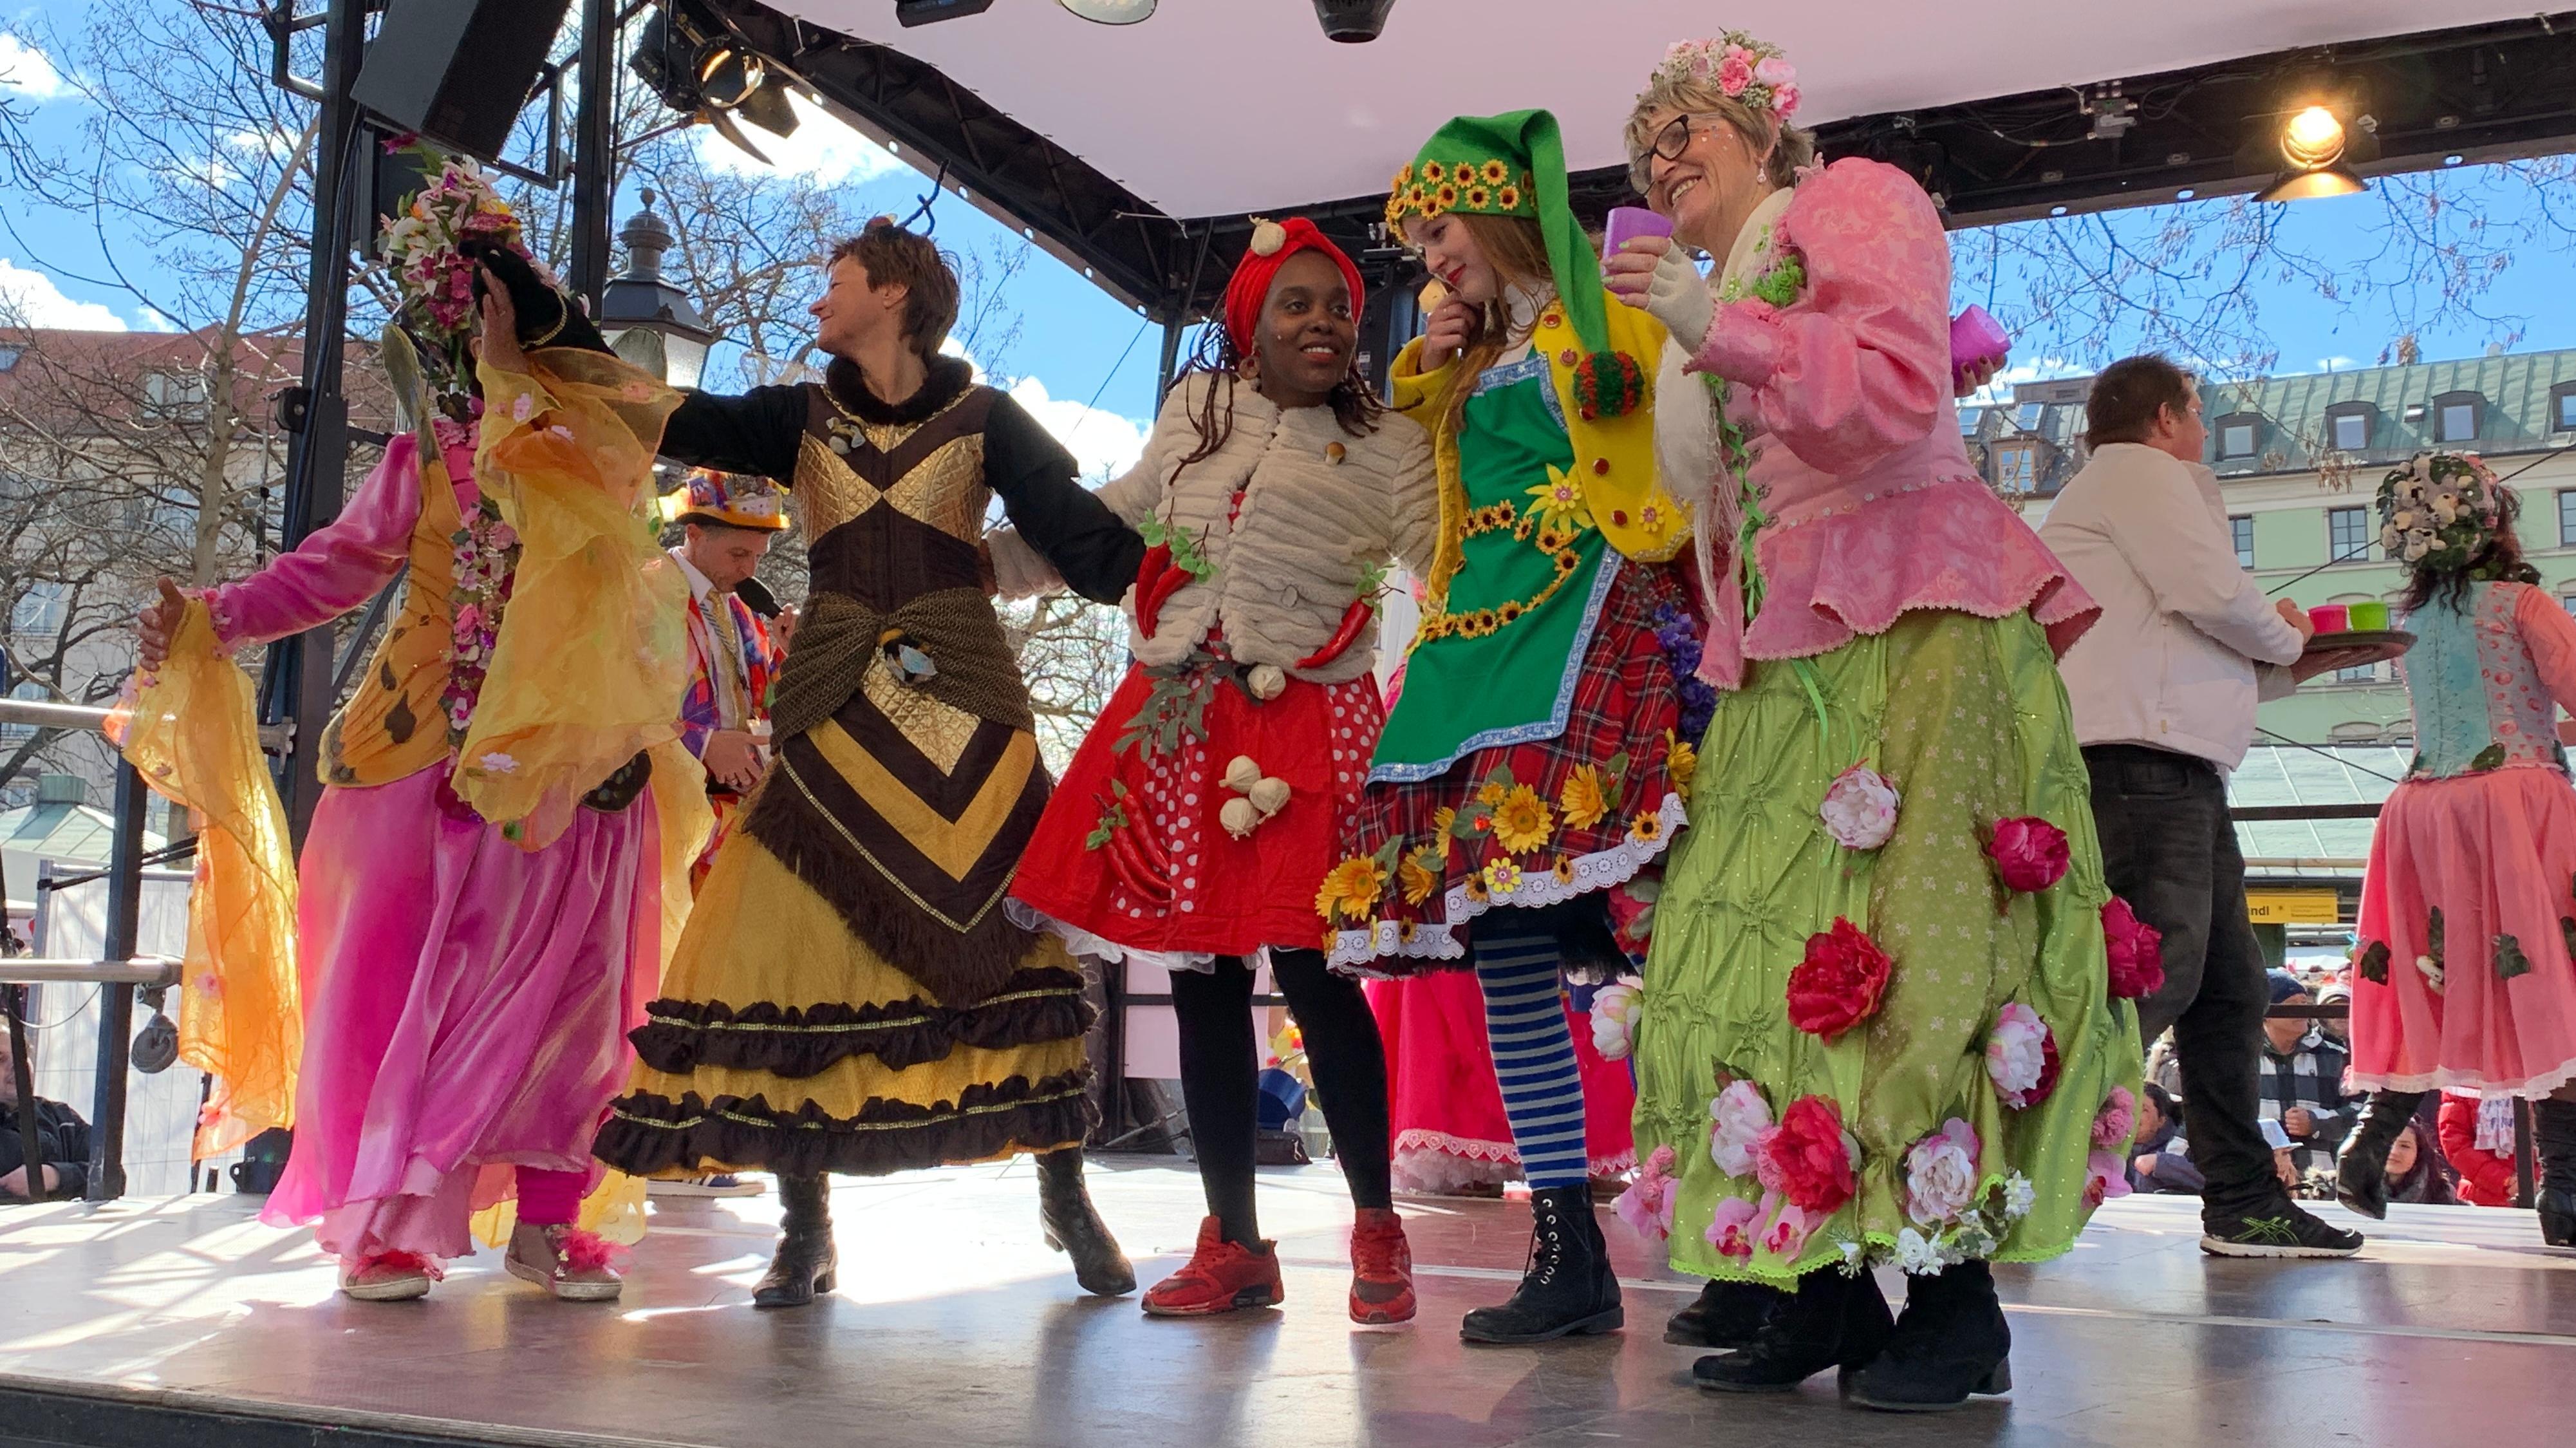 Marktweiber tanzen am Faschingsdienstag auf dem Viktualienmarkt in München.